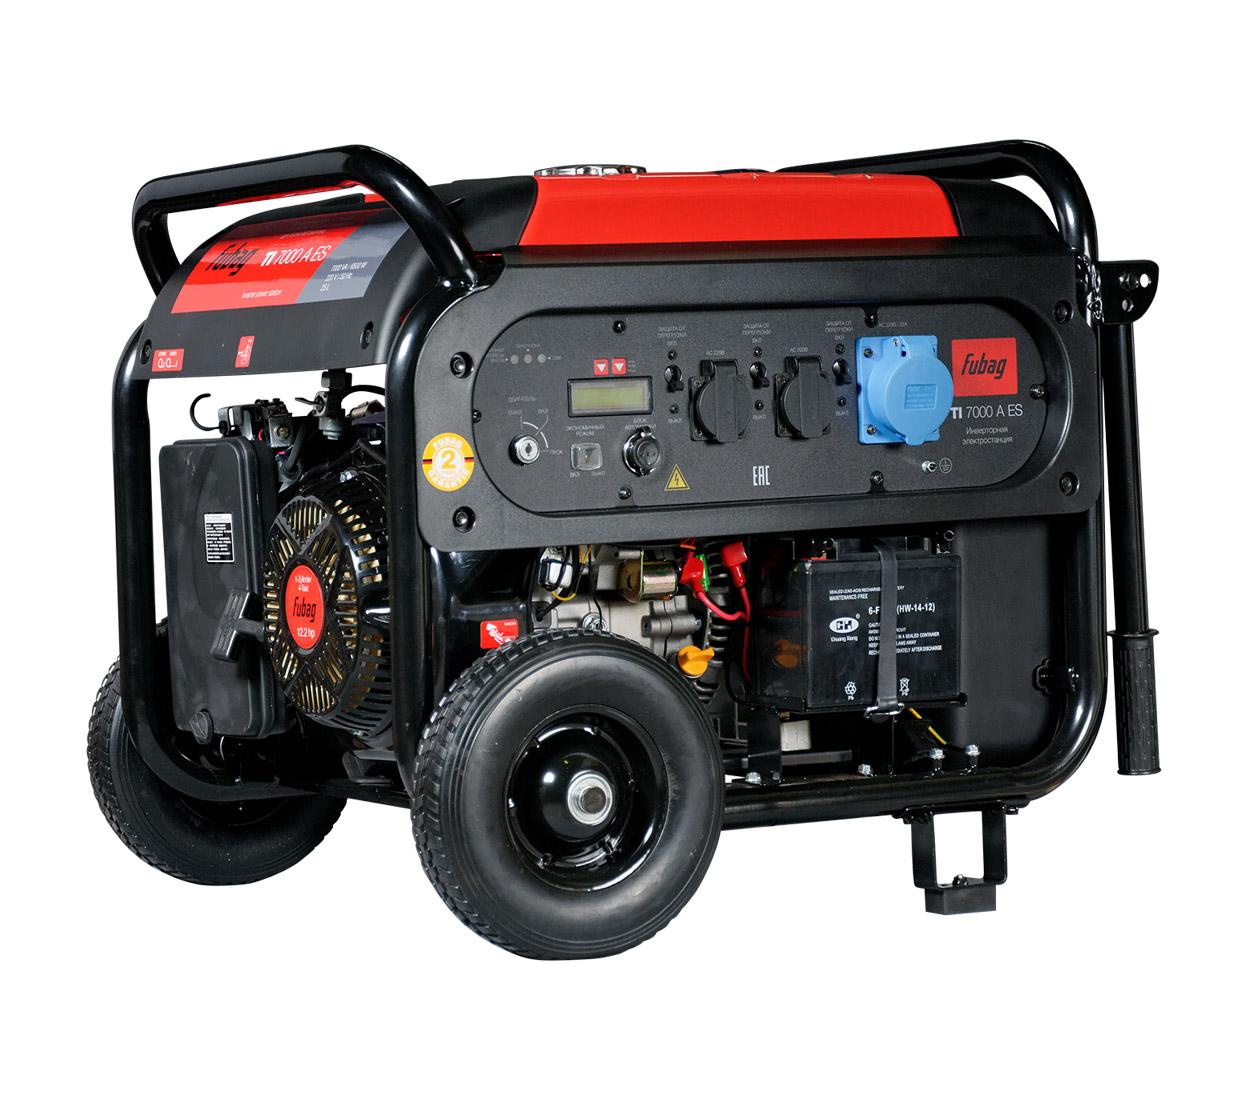 Бензиновый генератор (Бензогенератор) FUBAG TI 7000 A ES